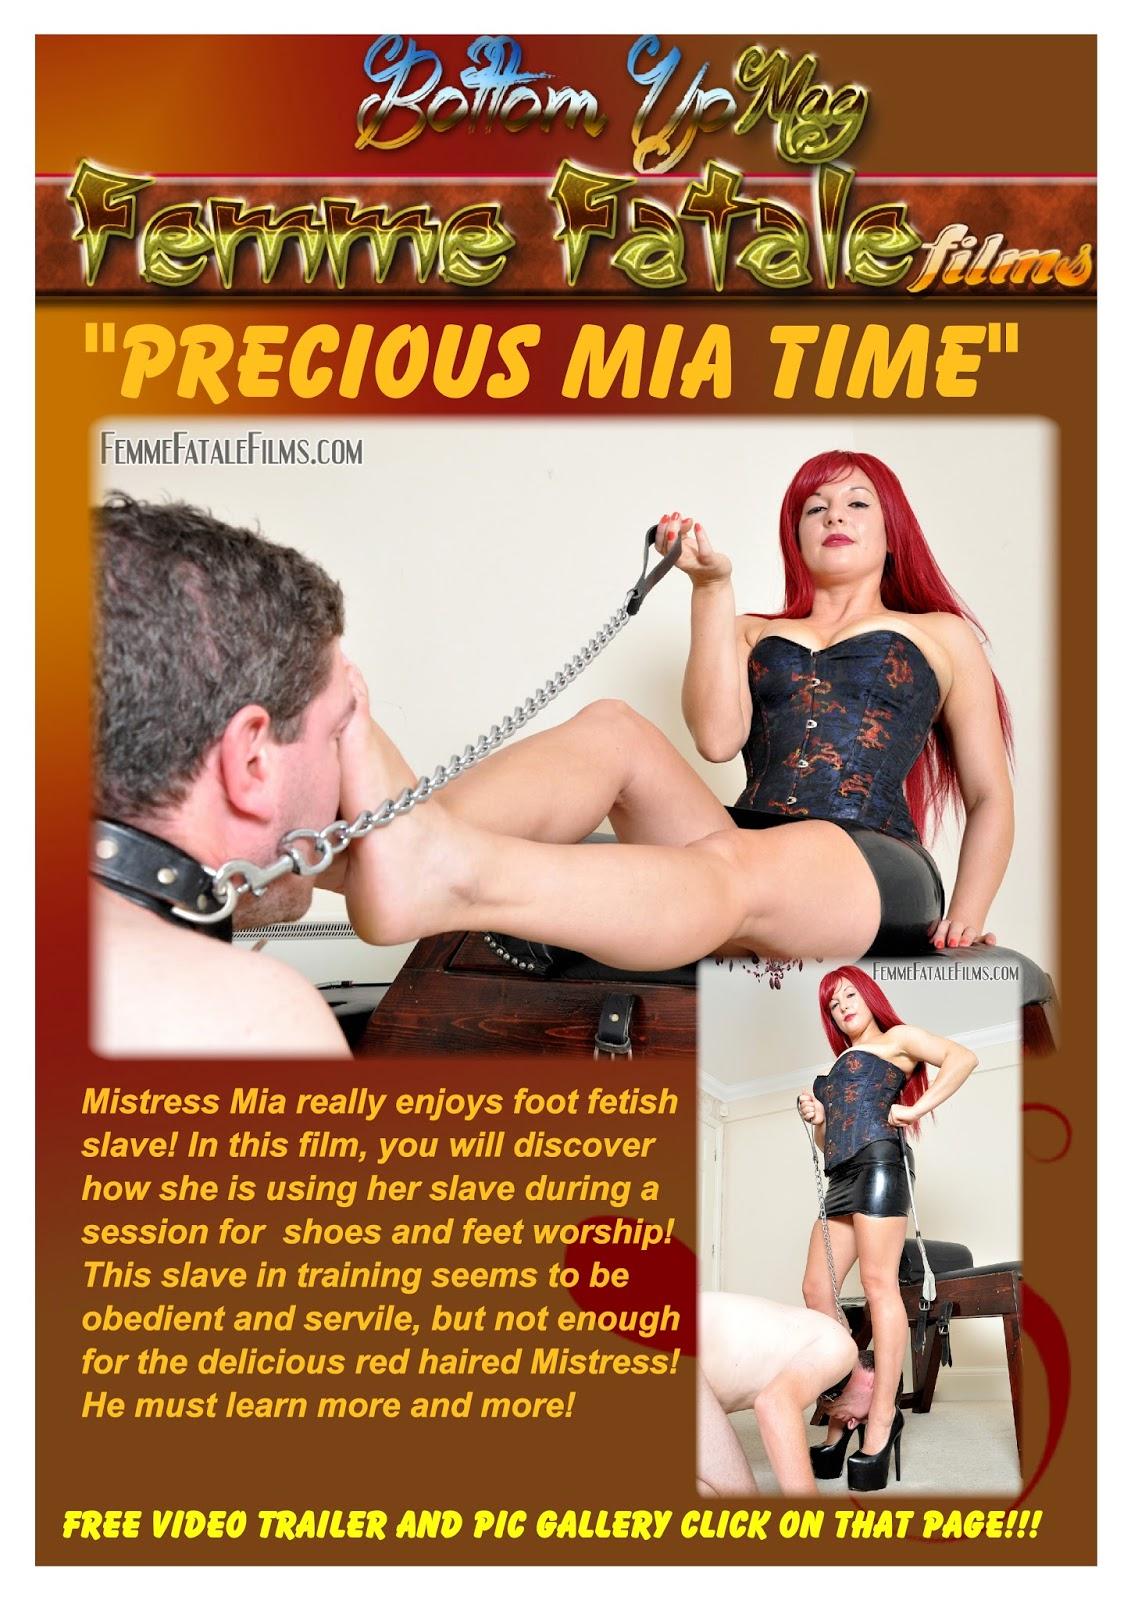 http://www.femmefatalefilms.com/affiliate/promo/0c16bf/1/794/774138/